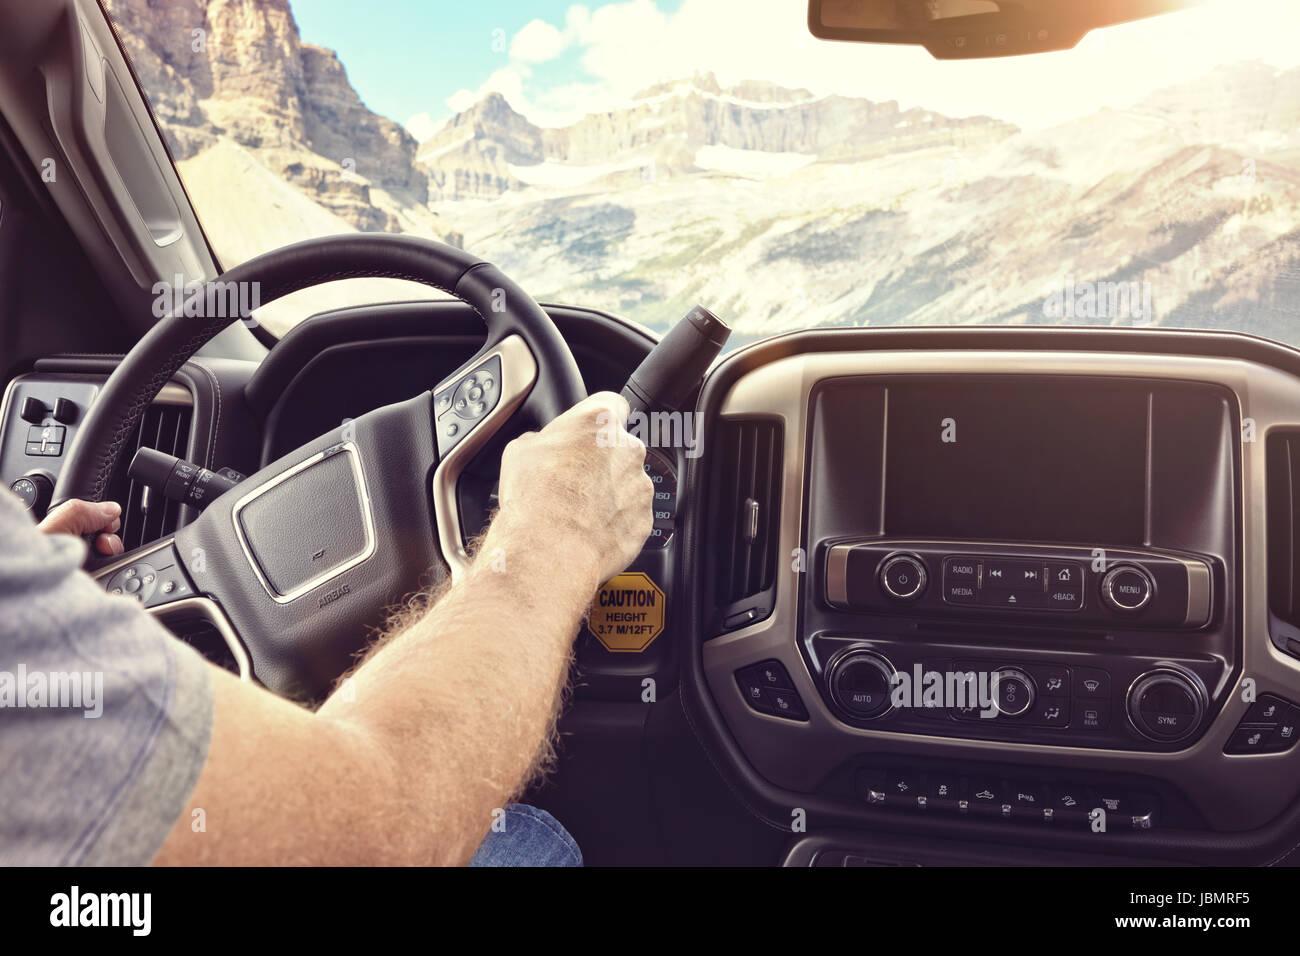 Uomo che tiene il volante di guida di un auto o camion su una strada rurale attraverso le montagne Immagini Stock